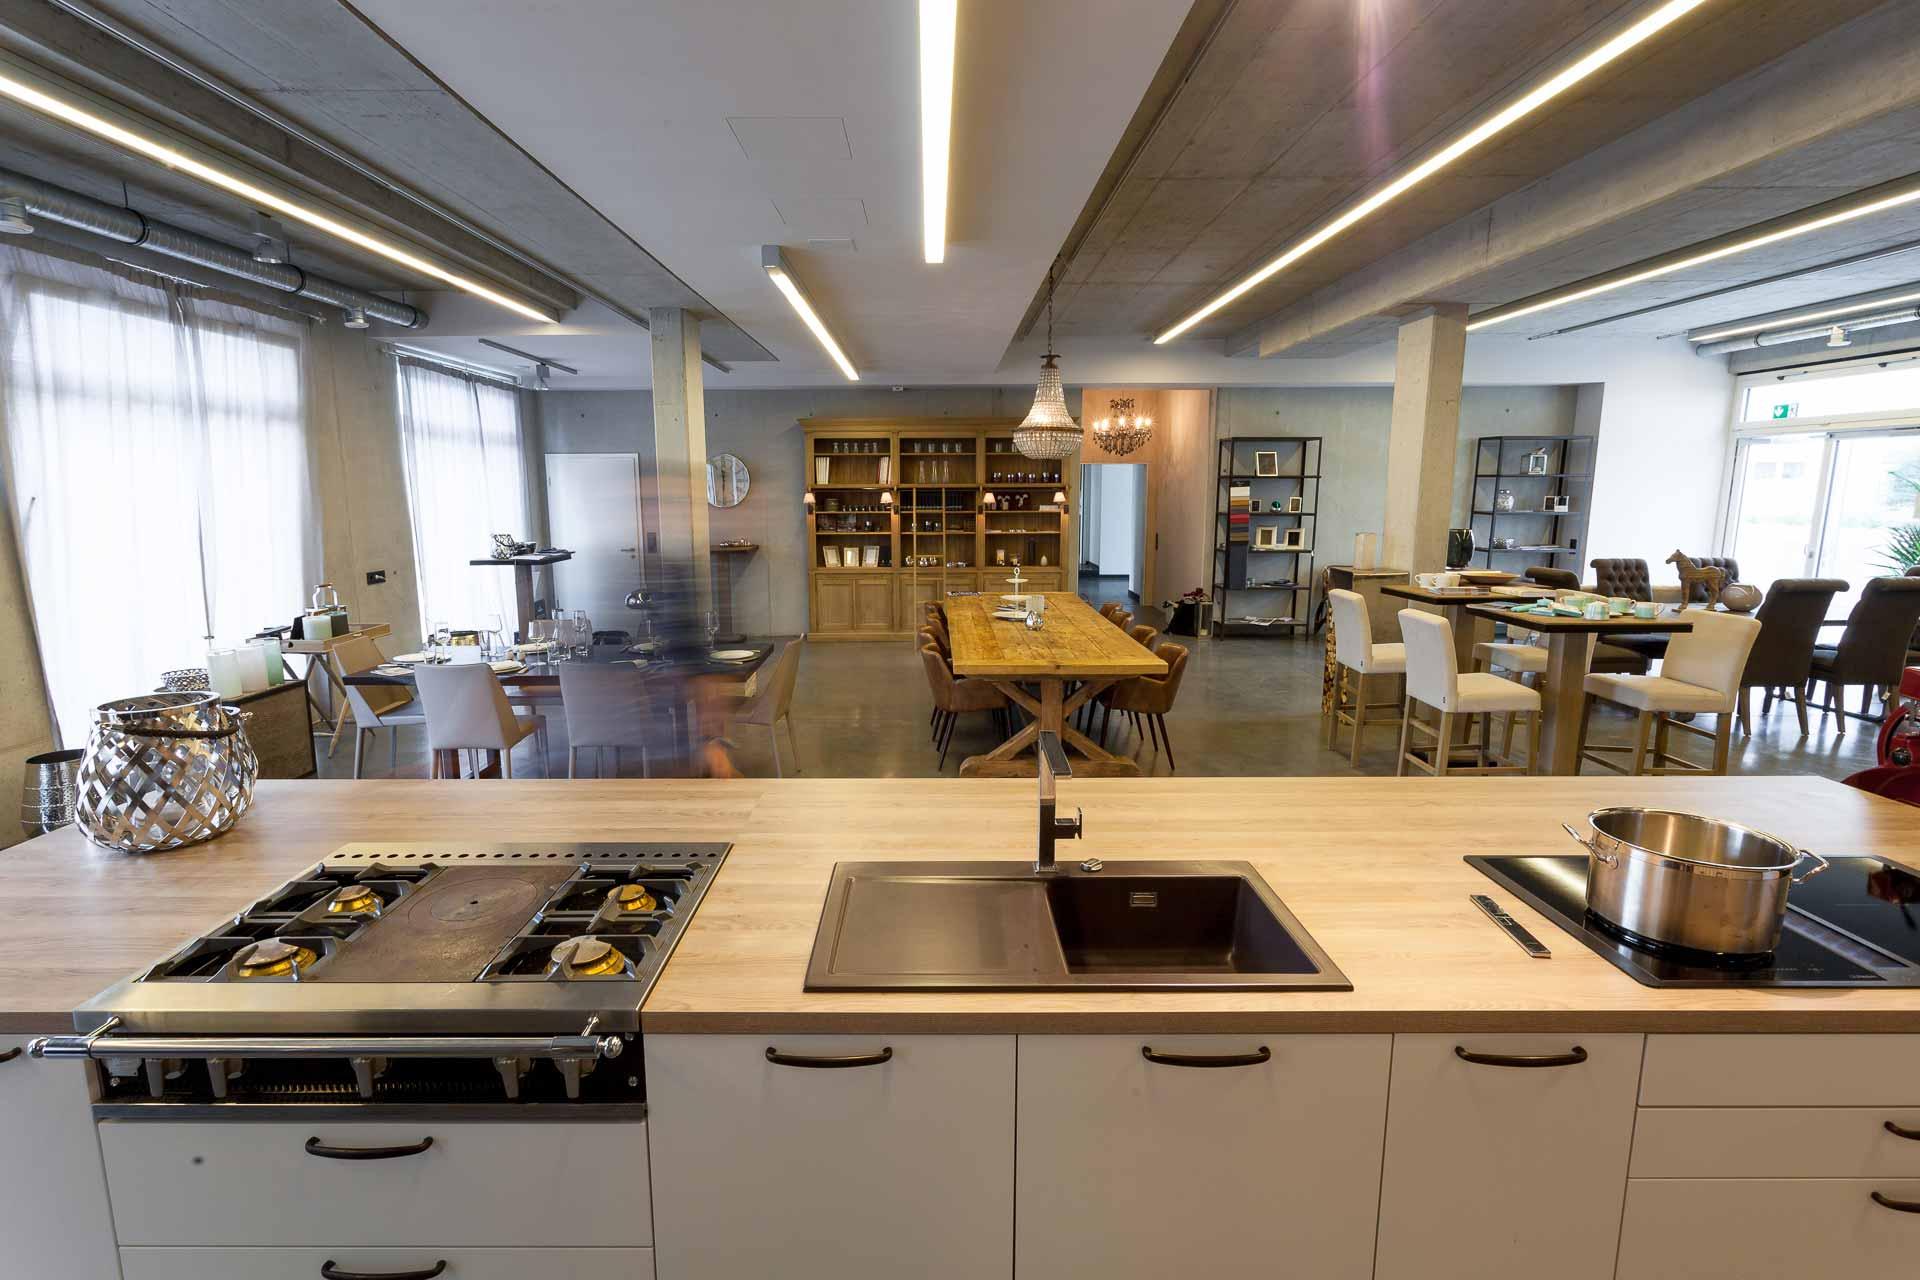 Küchenstudio Weilheim küchen küchenstudios in kirchheim dettingen weilheim bissingen